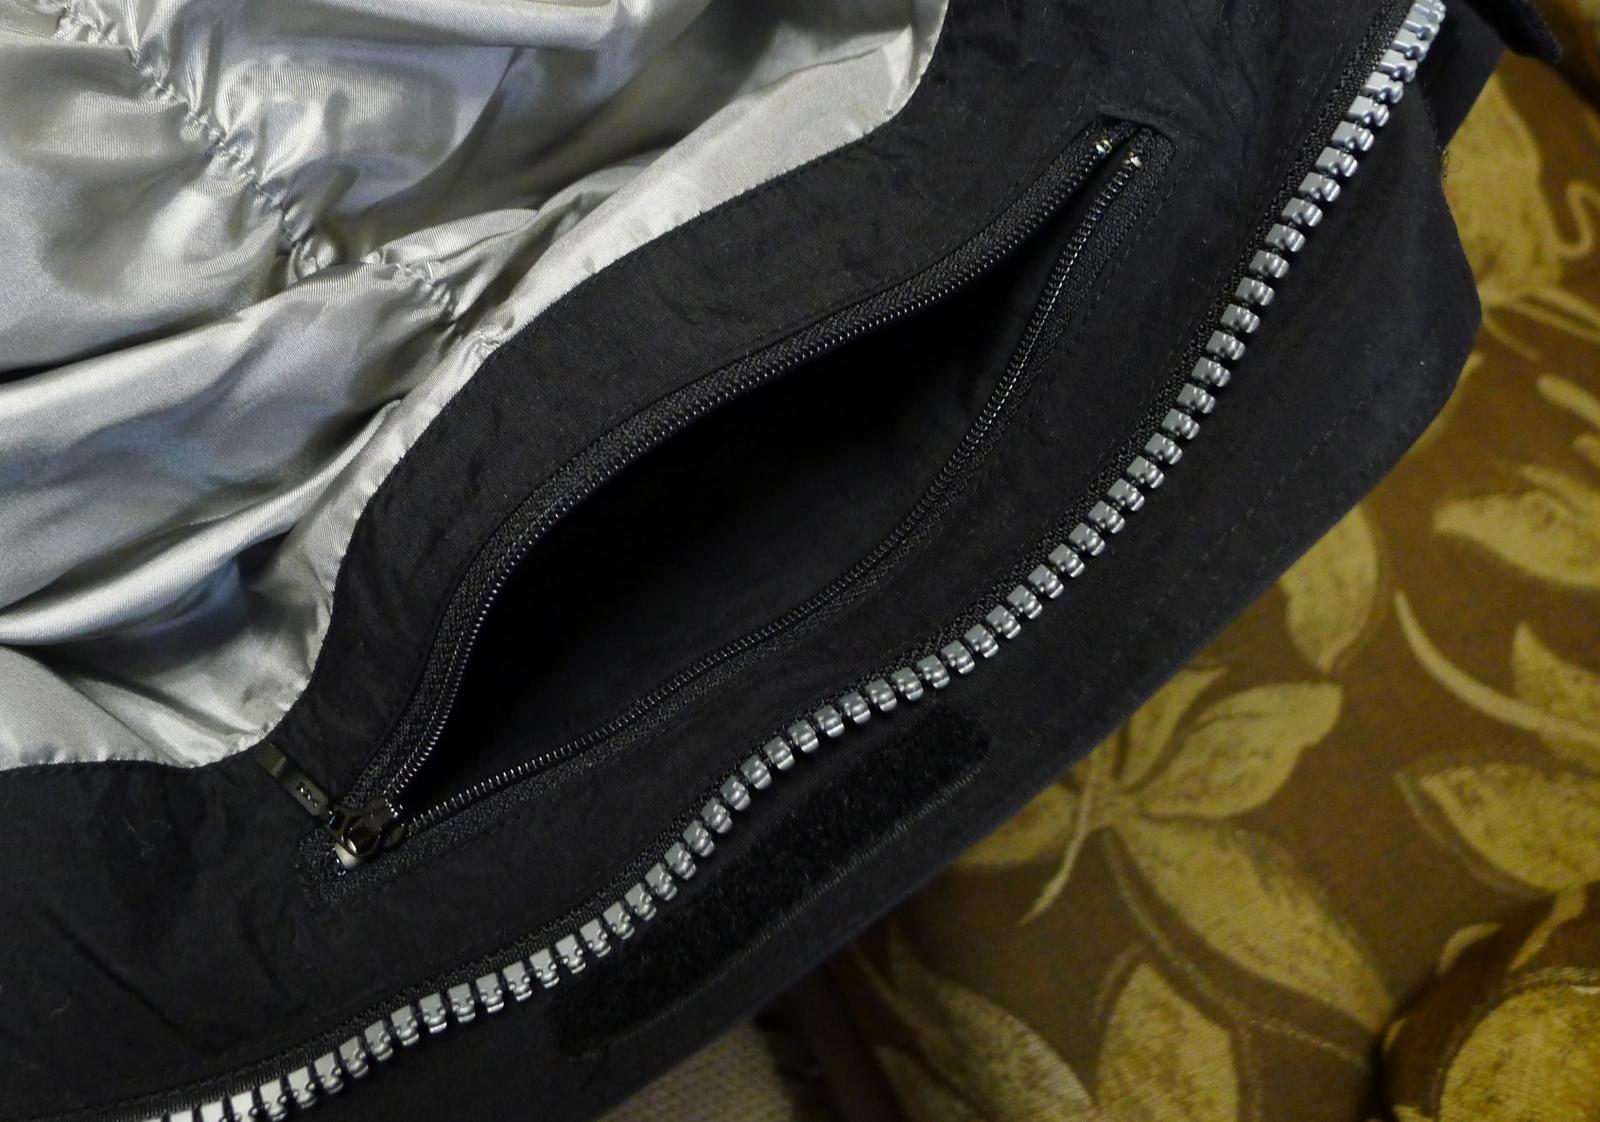 2e61cac799d6 Кстати, что касается рыболовных жилетов, то у той же компании Shimano одежда  представляет собой некий комплекс, где их фирменные жилеты могут  пристегиваться ...